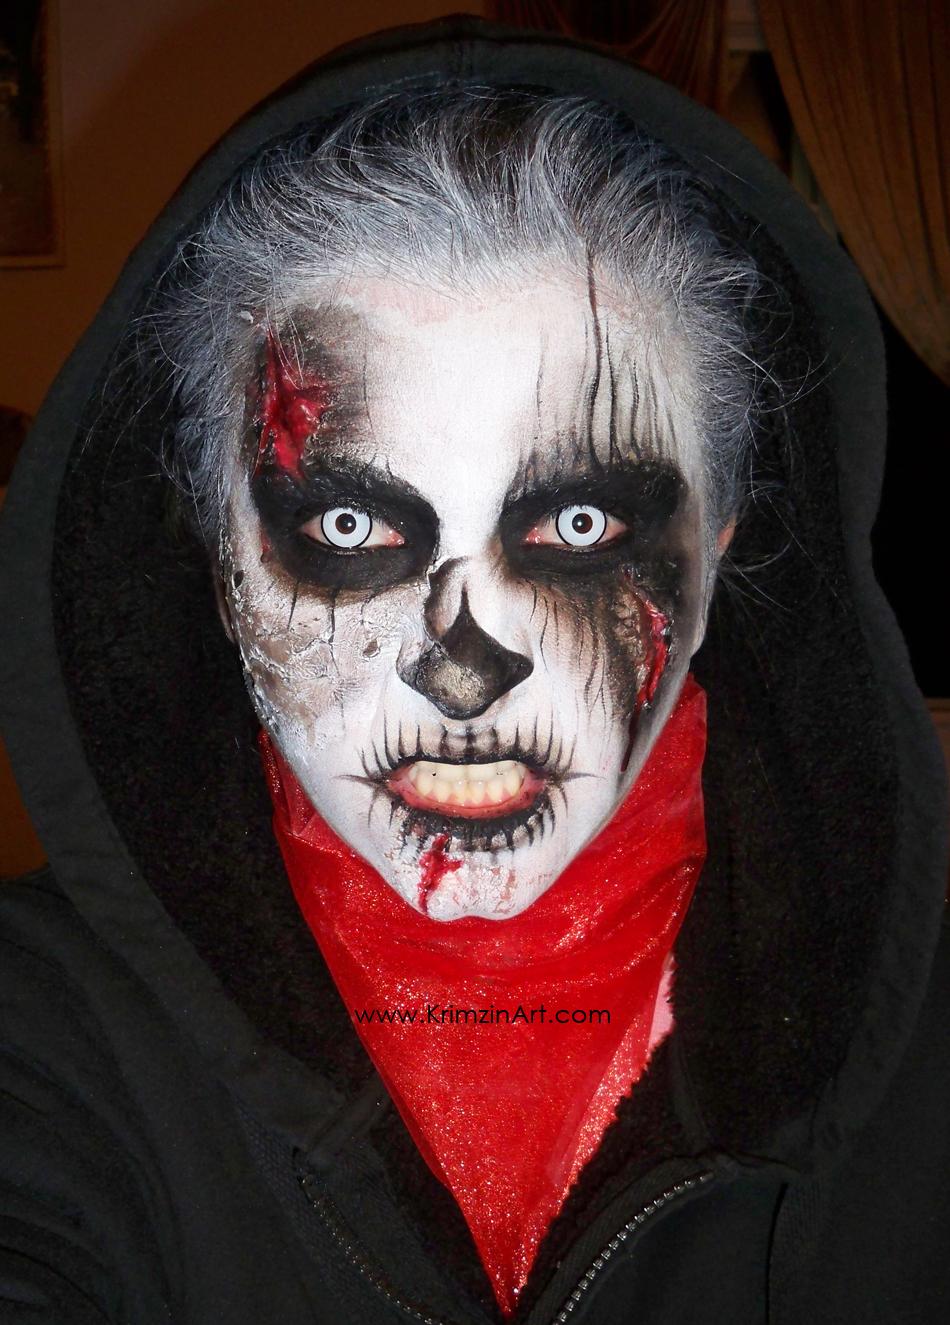 Krimzin Art: Burnt Zombie (Halloween Makeup) 5/27/13